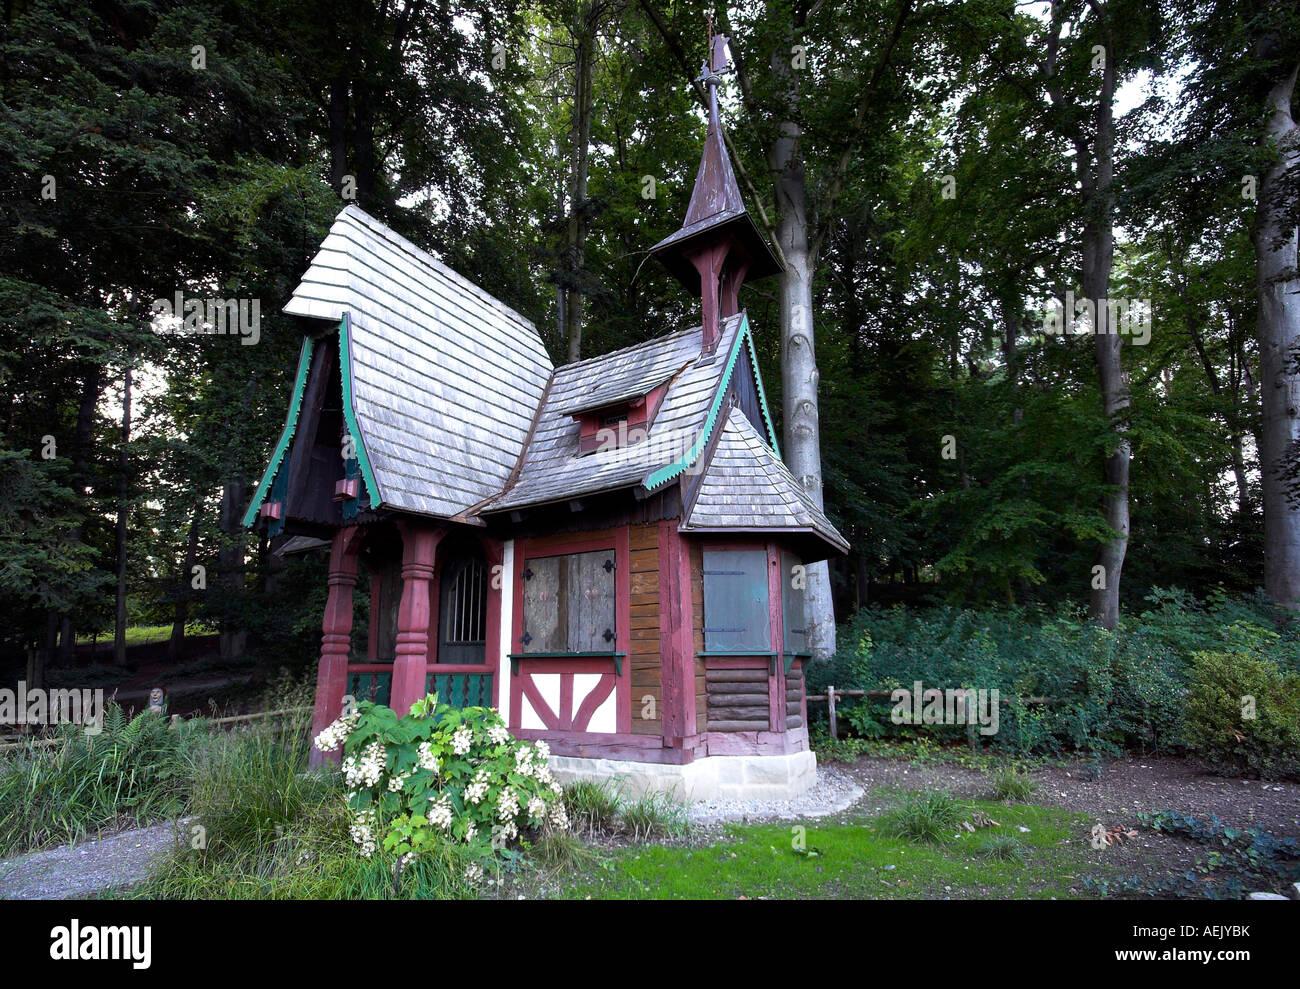 Hexenhaus In Der Stadt Garten Von überlingen An Der Rheingletsscher